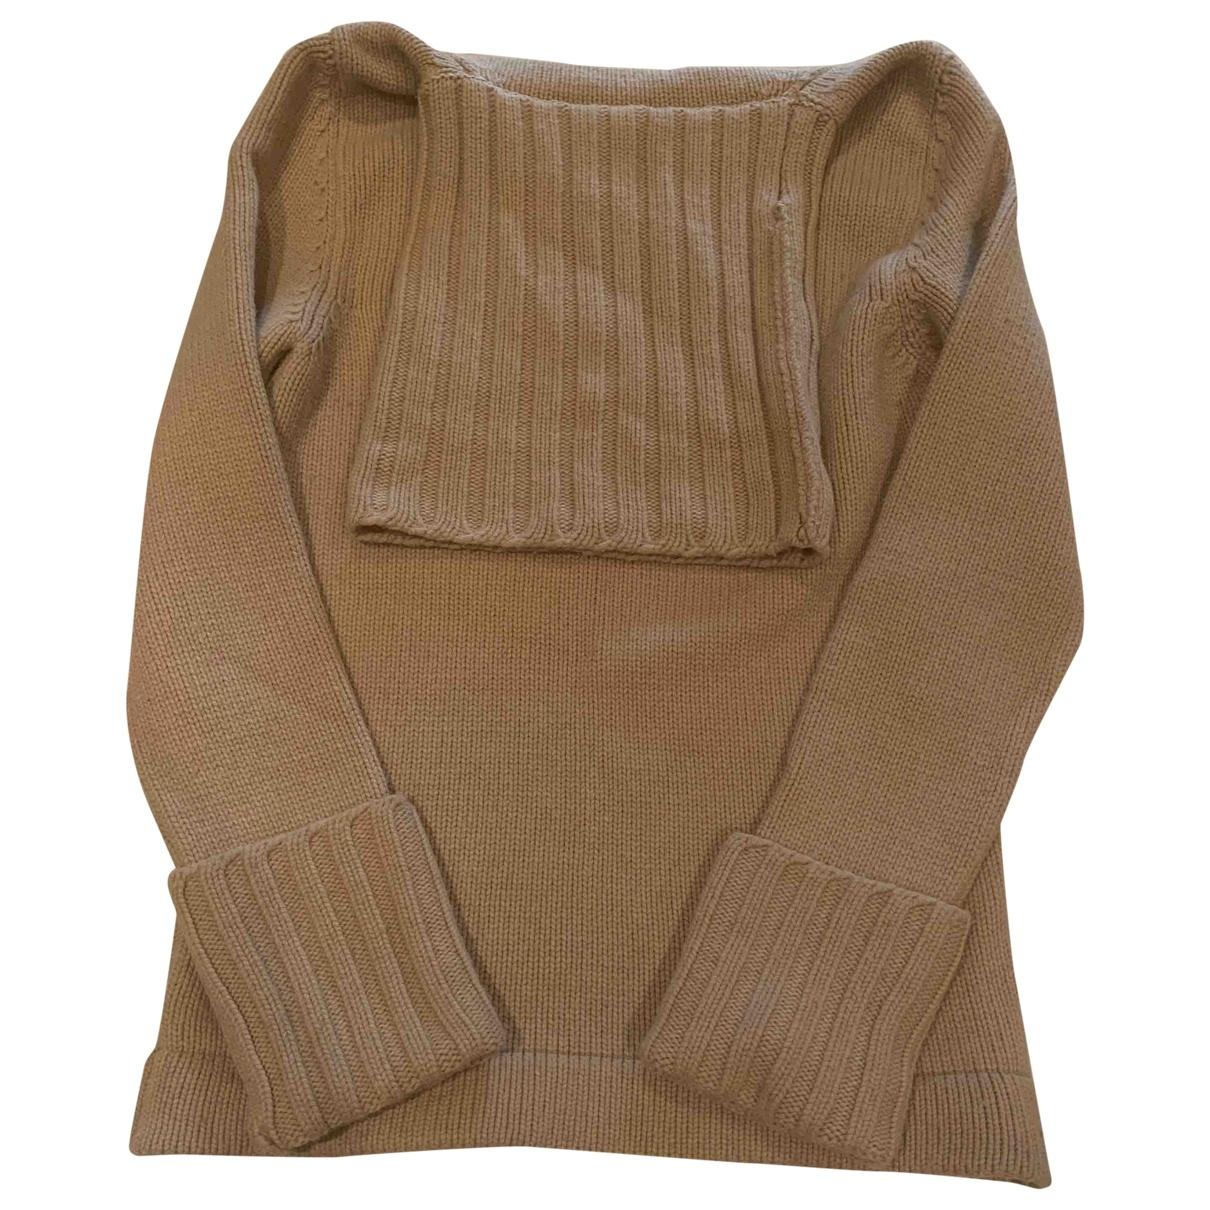 Antonio Berardi - Pull   pour femme en laine - beige